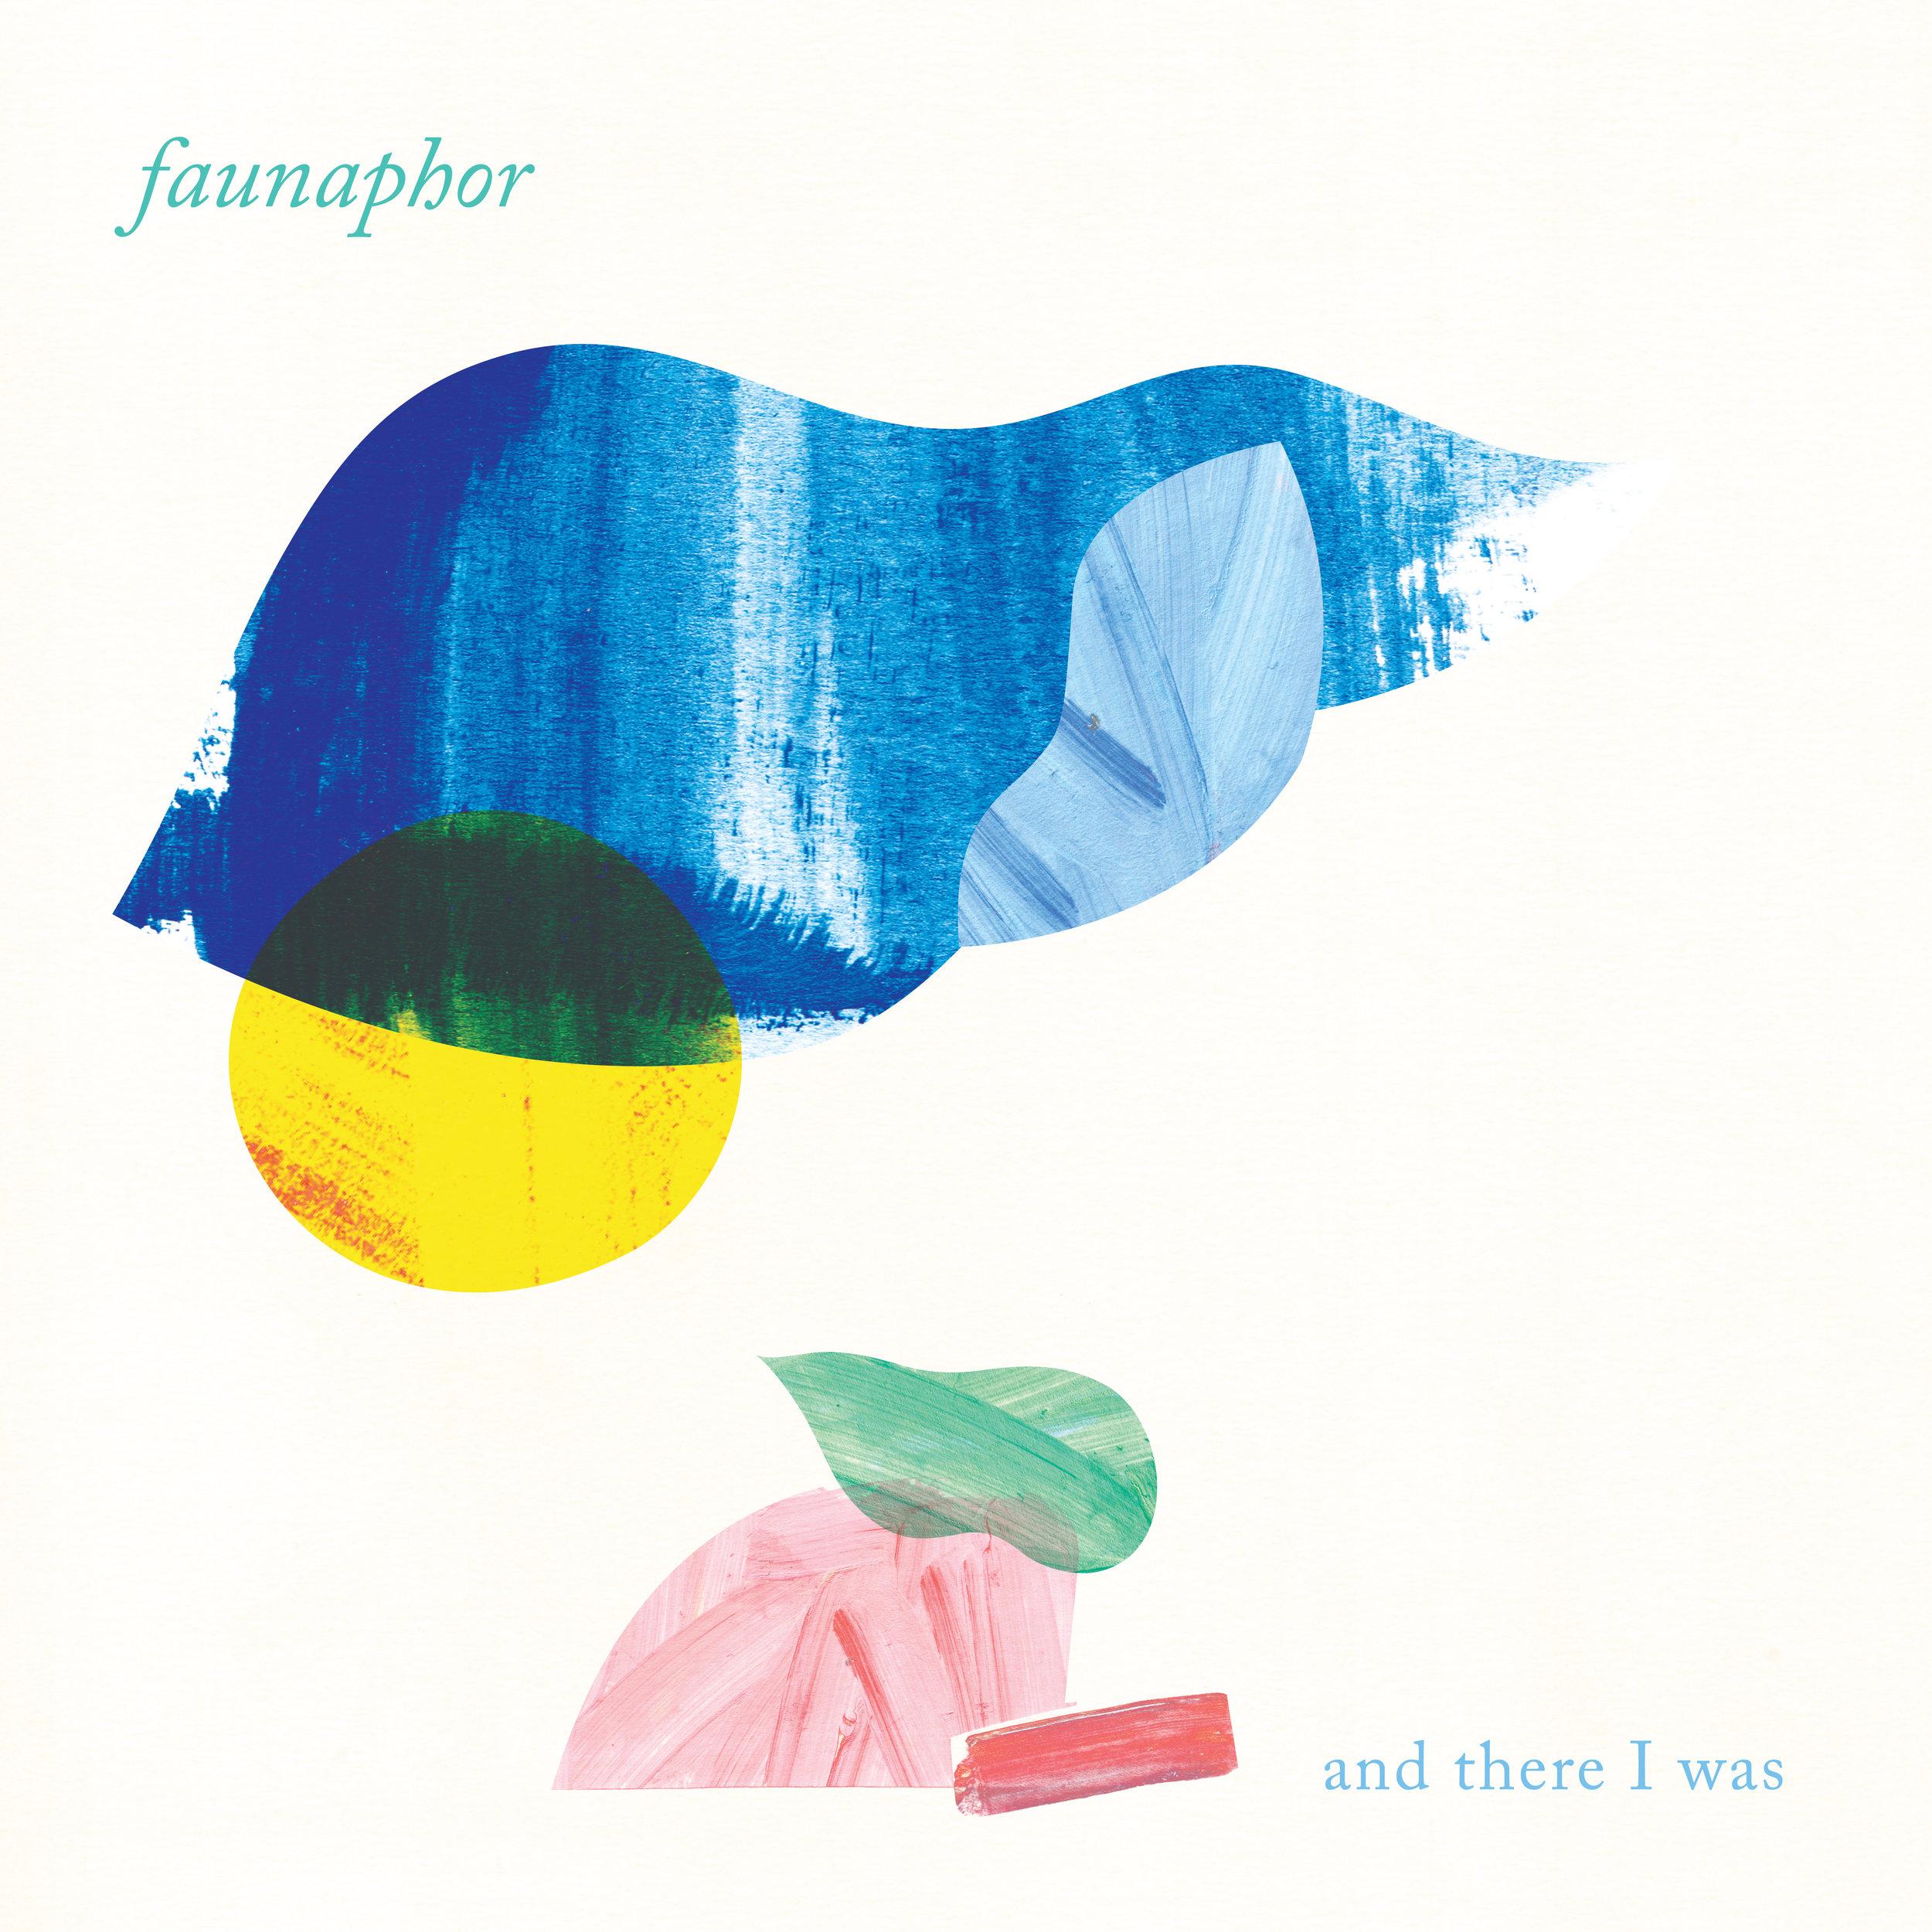 faunaphor album cover 3c.jpg